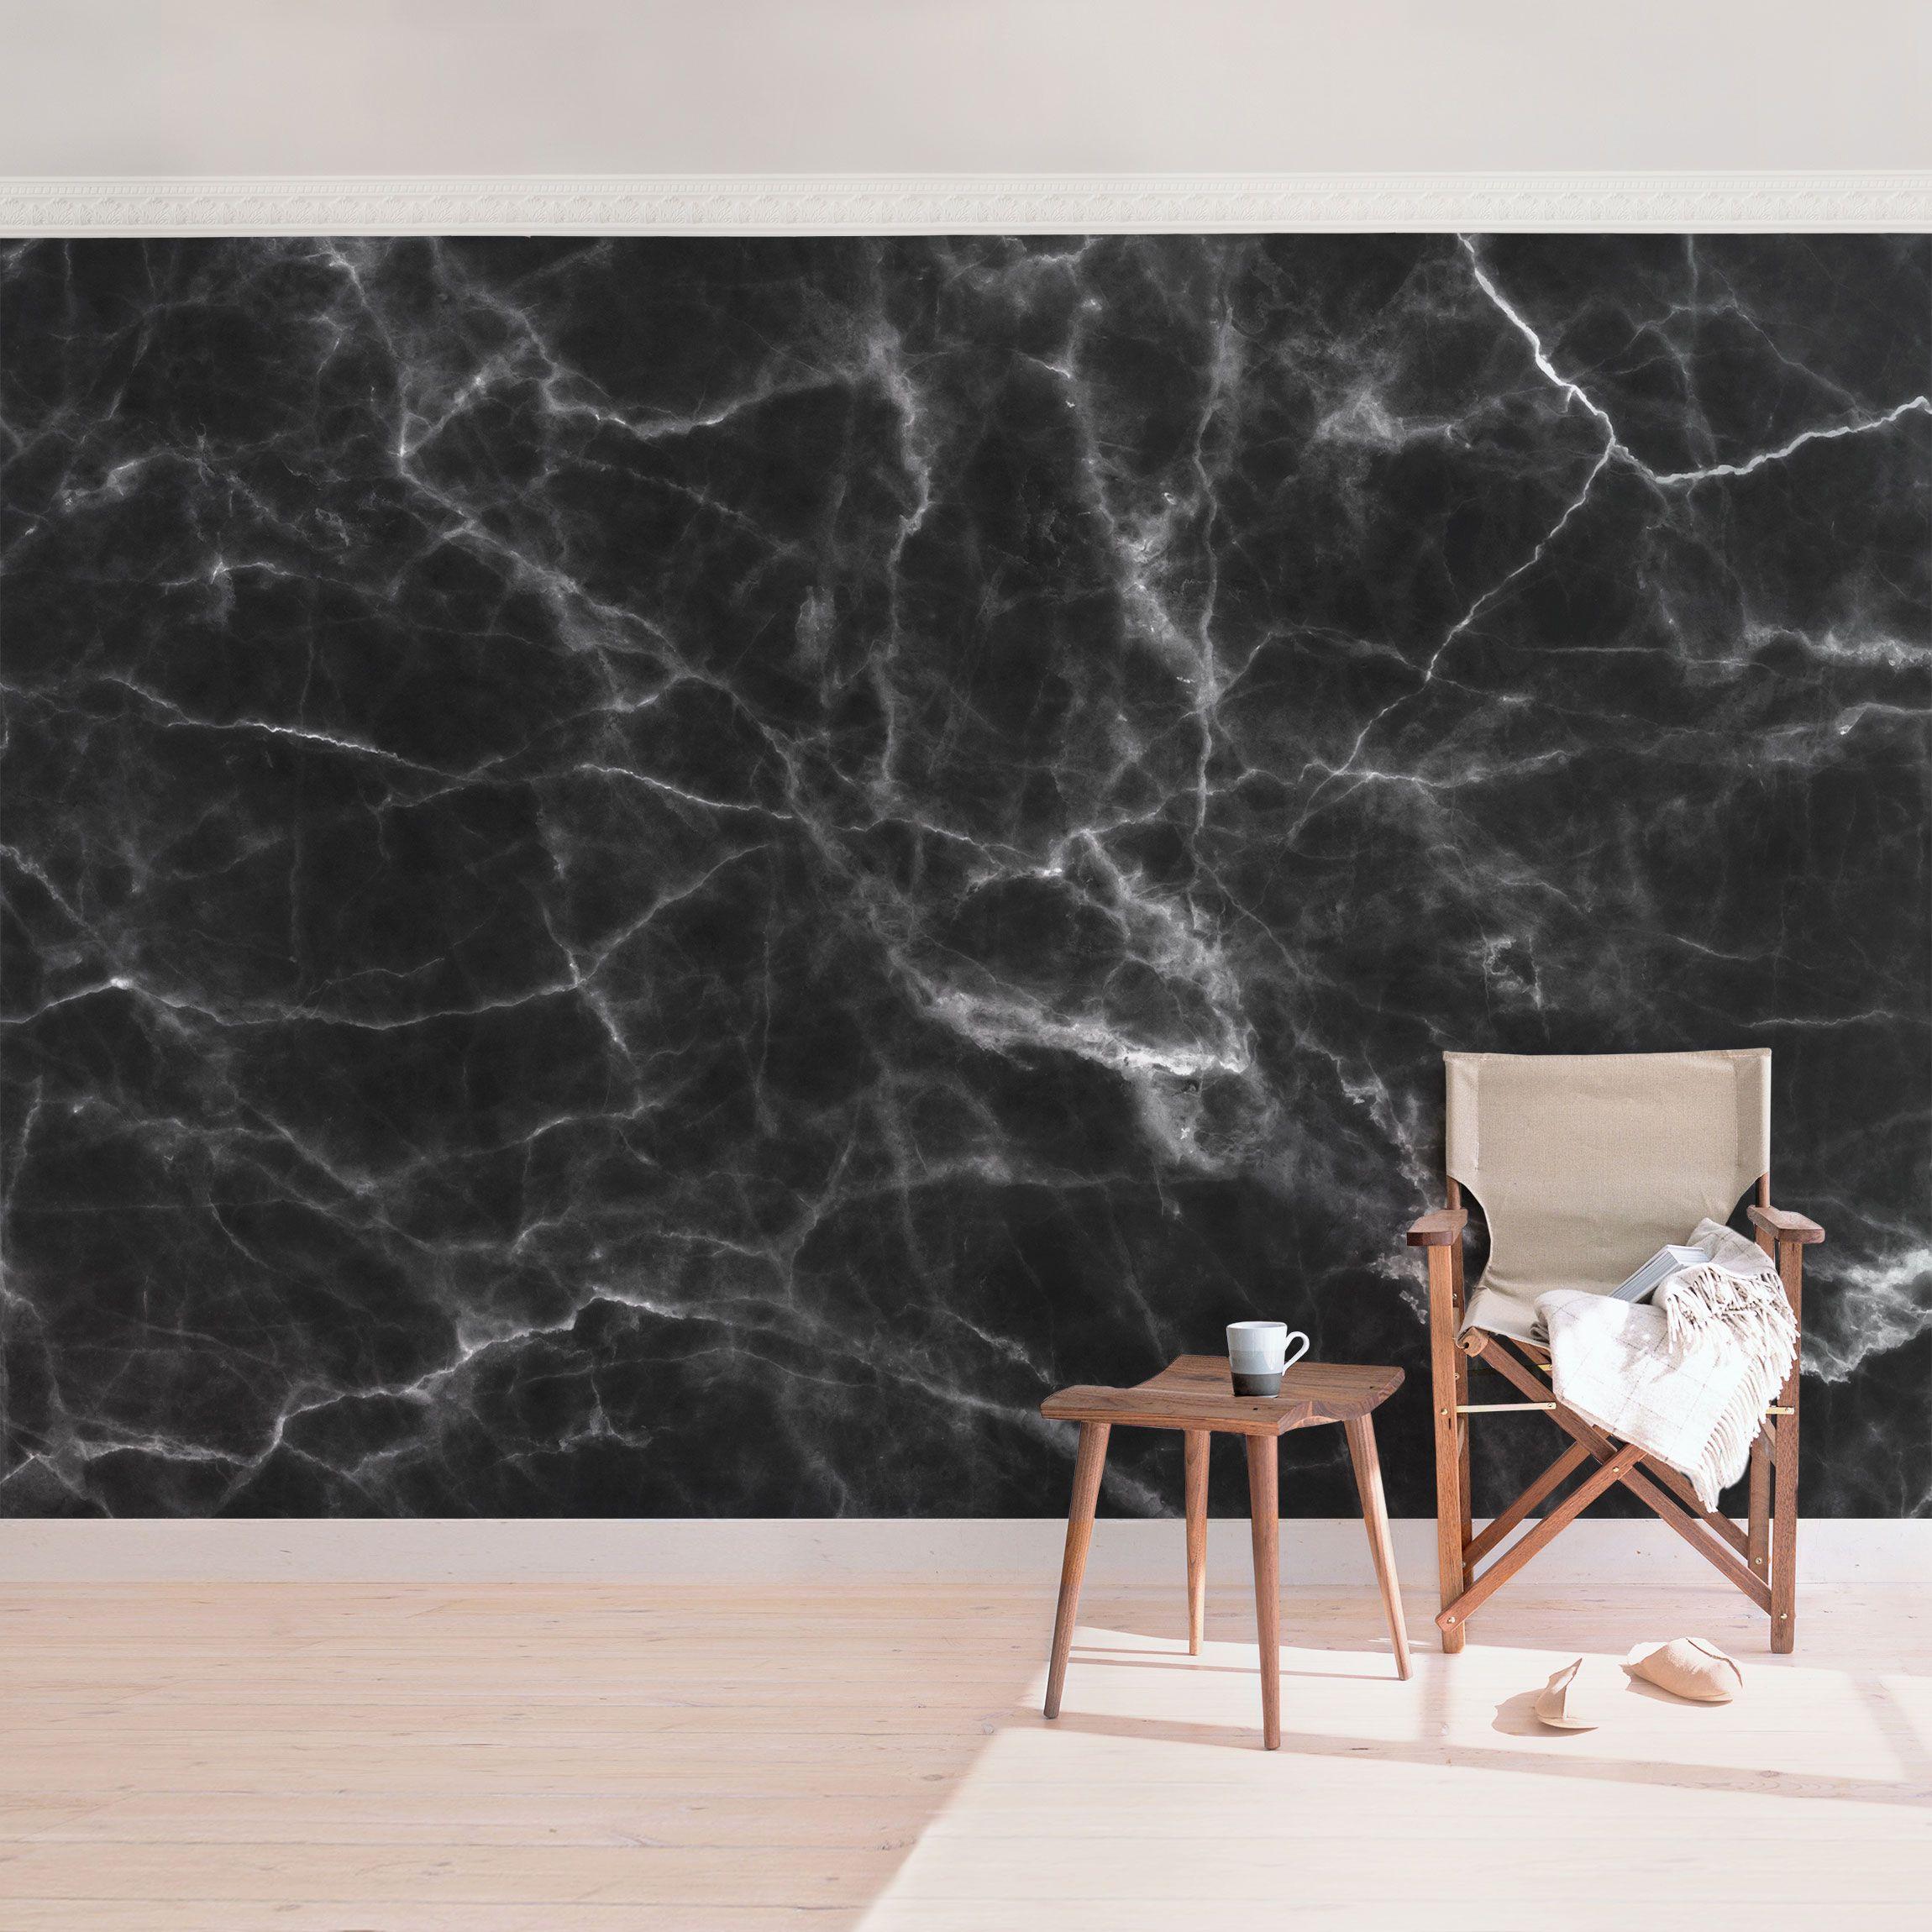 Full Size of Küchentapete Marmor Tapete Nero Carrara Vlies Wandtapete Breit Wohnzimmer Küchentapete